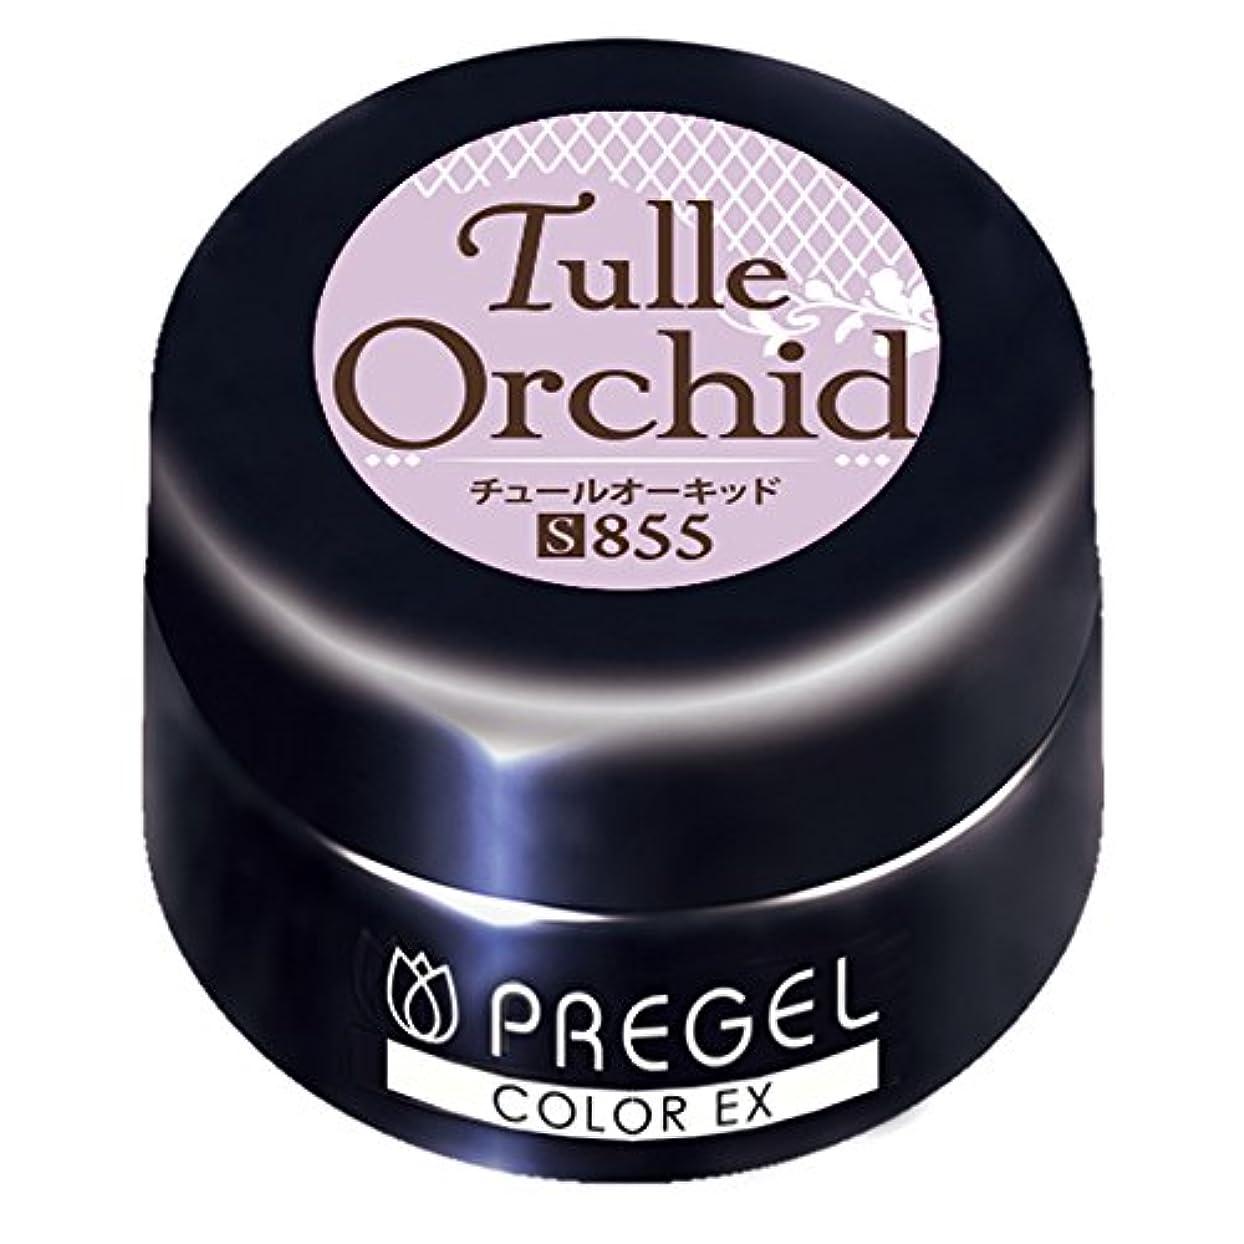 バケツつまずく貸すPRE GEL カラーEX チュールオーキッド855 3g UV/LED対応 カラージェル